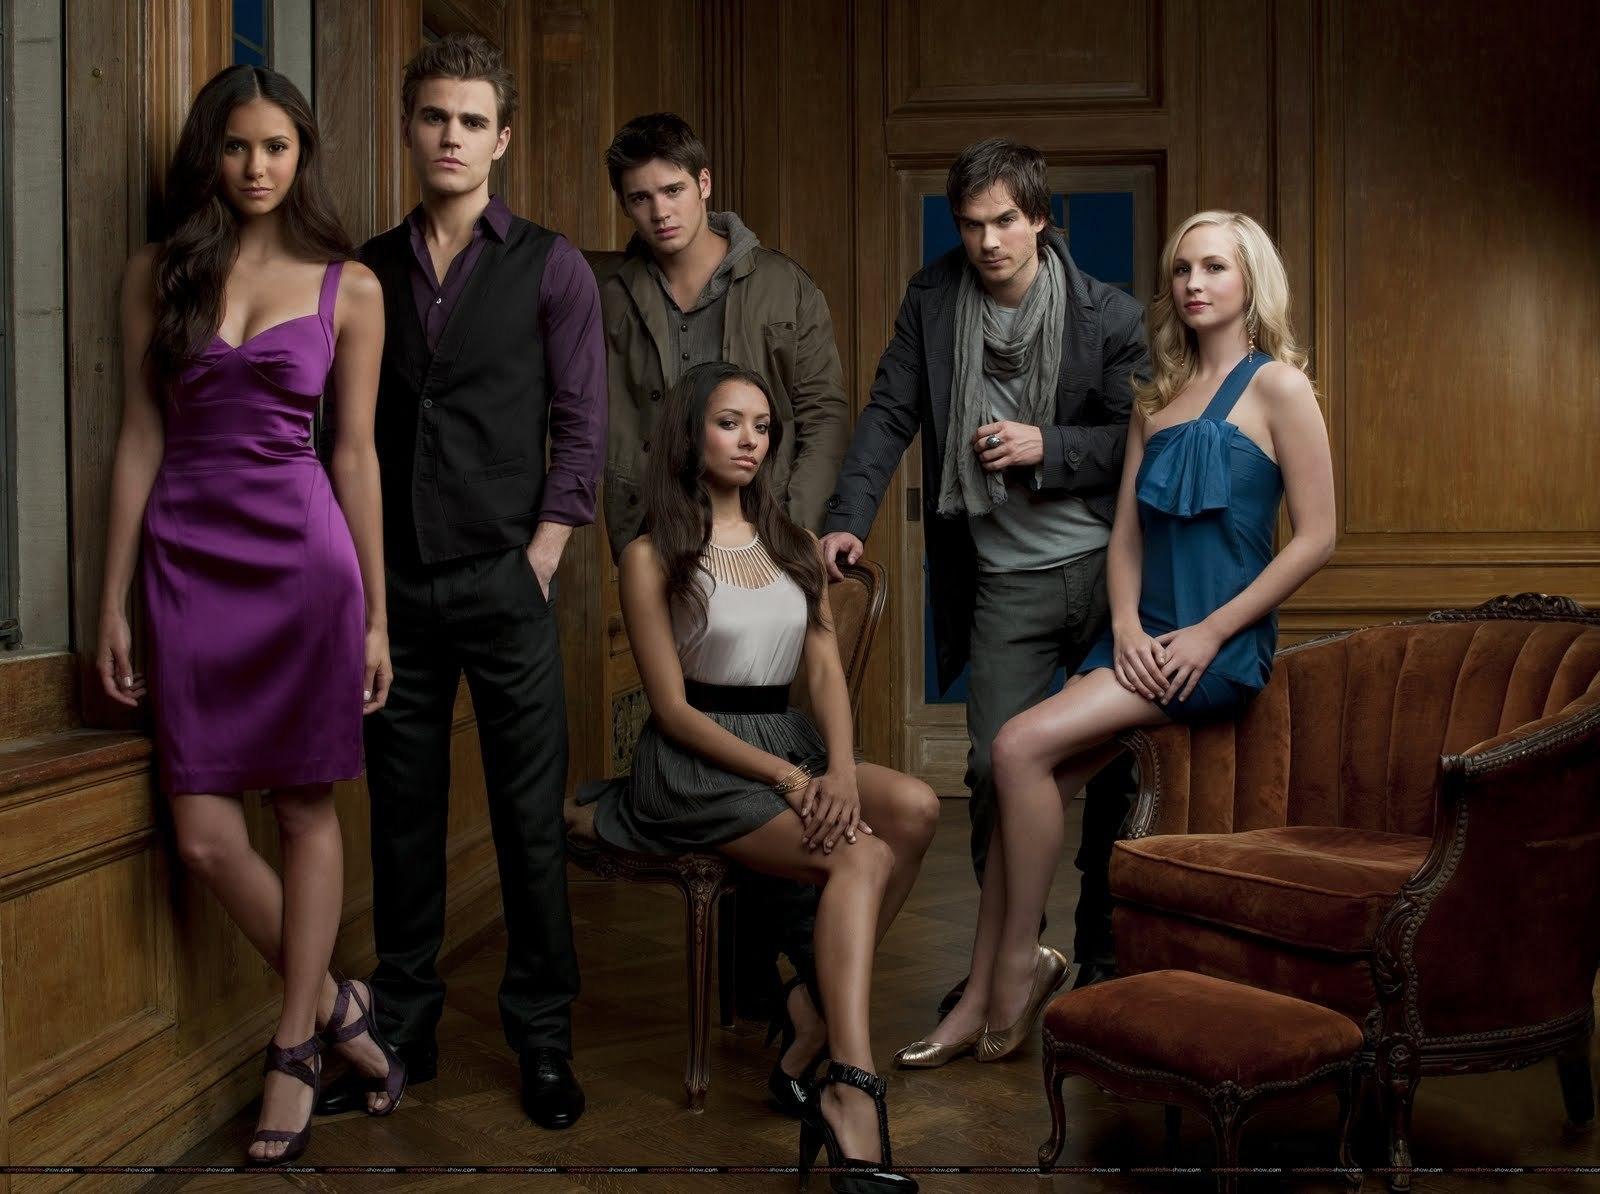 Vampire Diaries Main Cast - The Vampire Diaries Photo ...